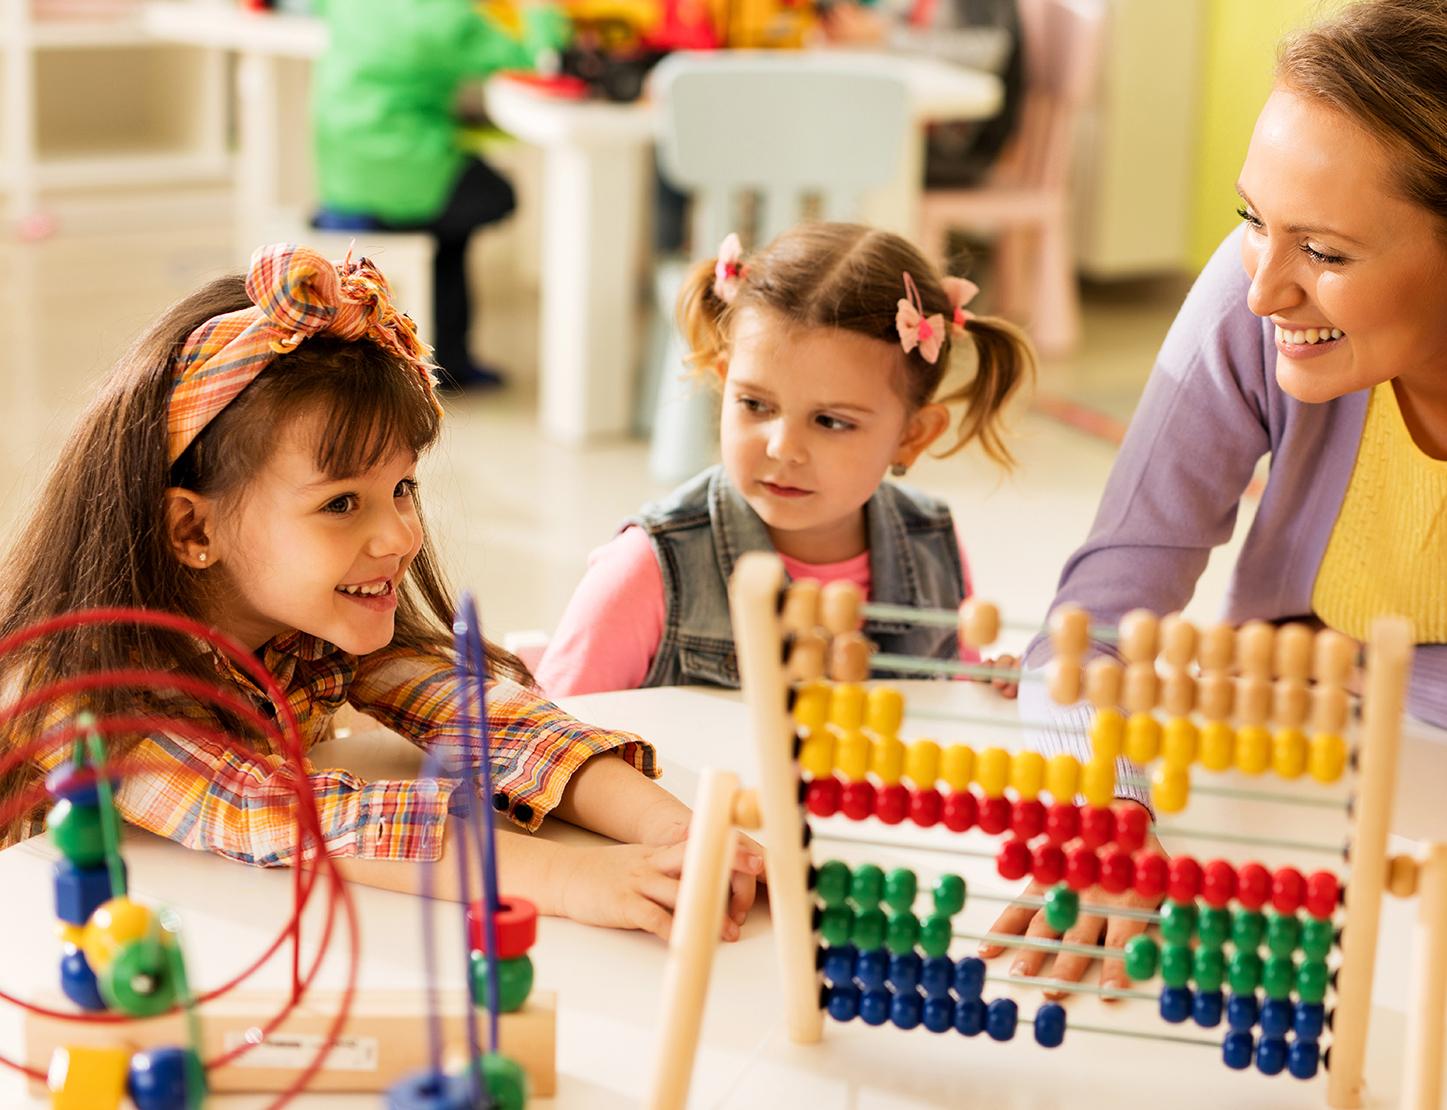 Okullar Açılıyor Ama Oyun Ablanız Hazır mı?